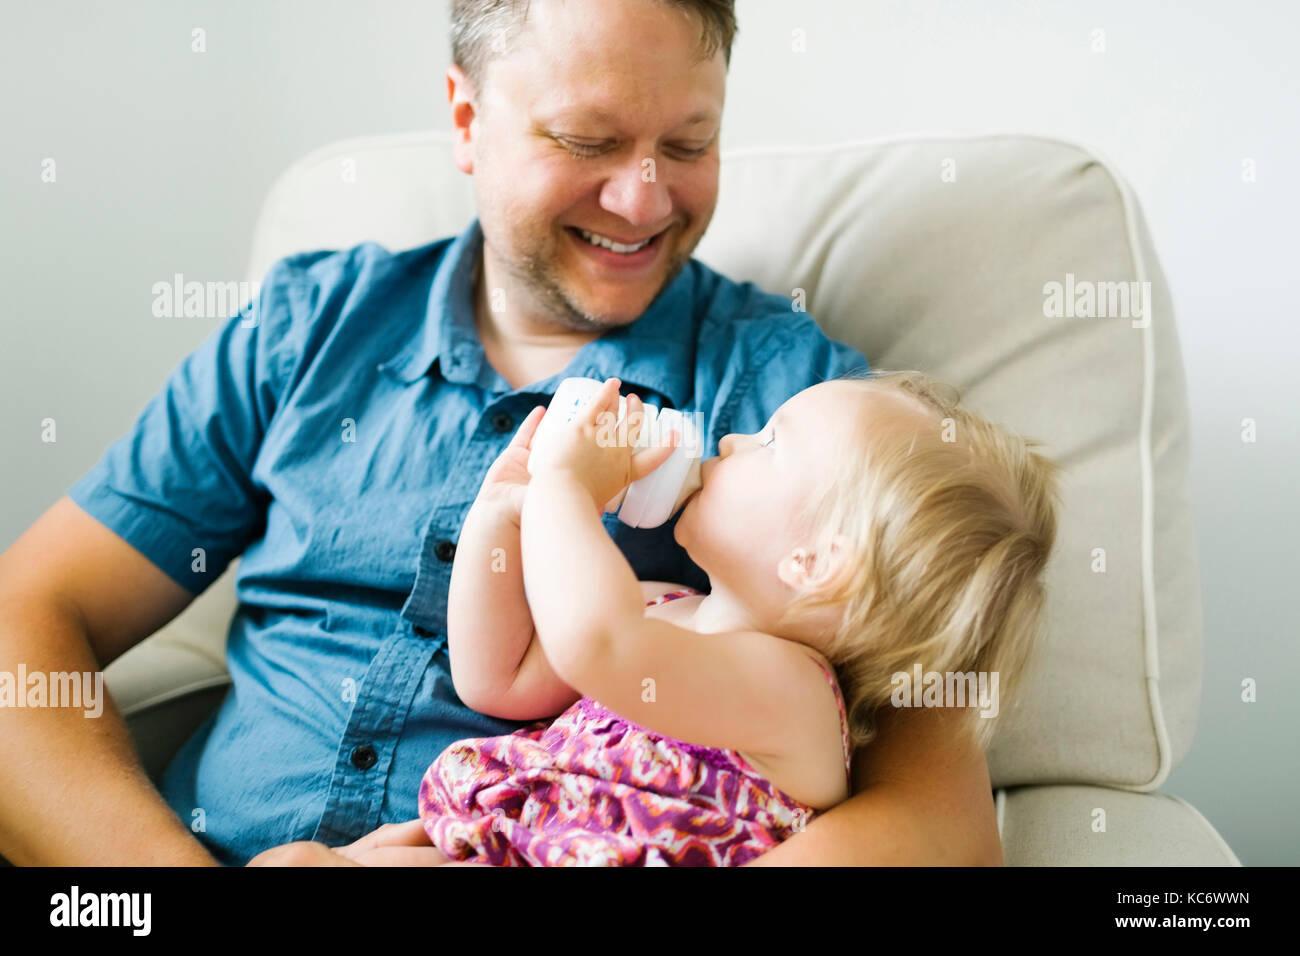 Père nourrir bébé fille (4-5) dans la salle de séjour Photo Stock